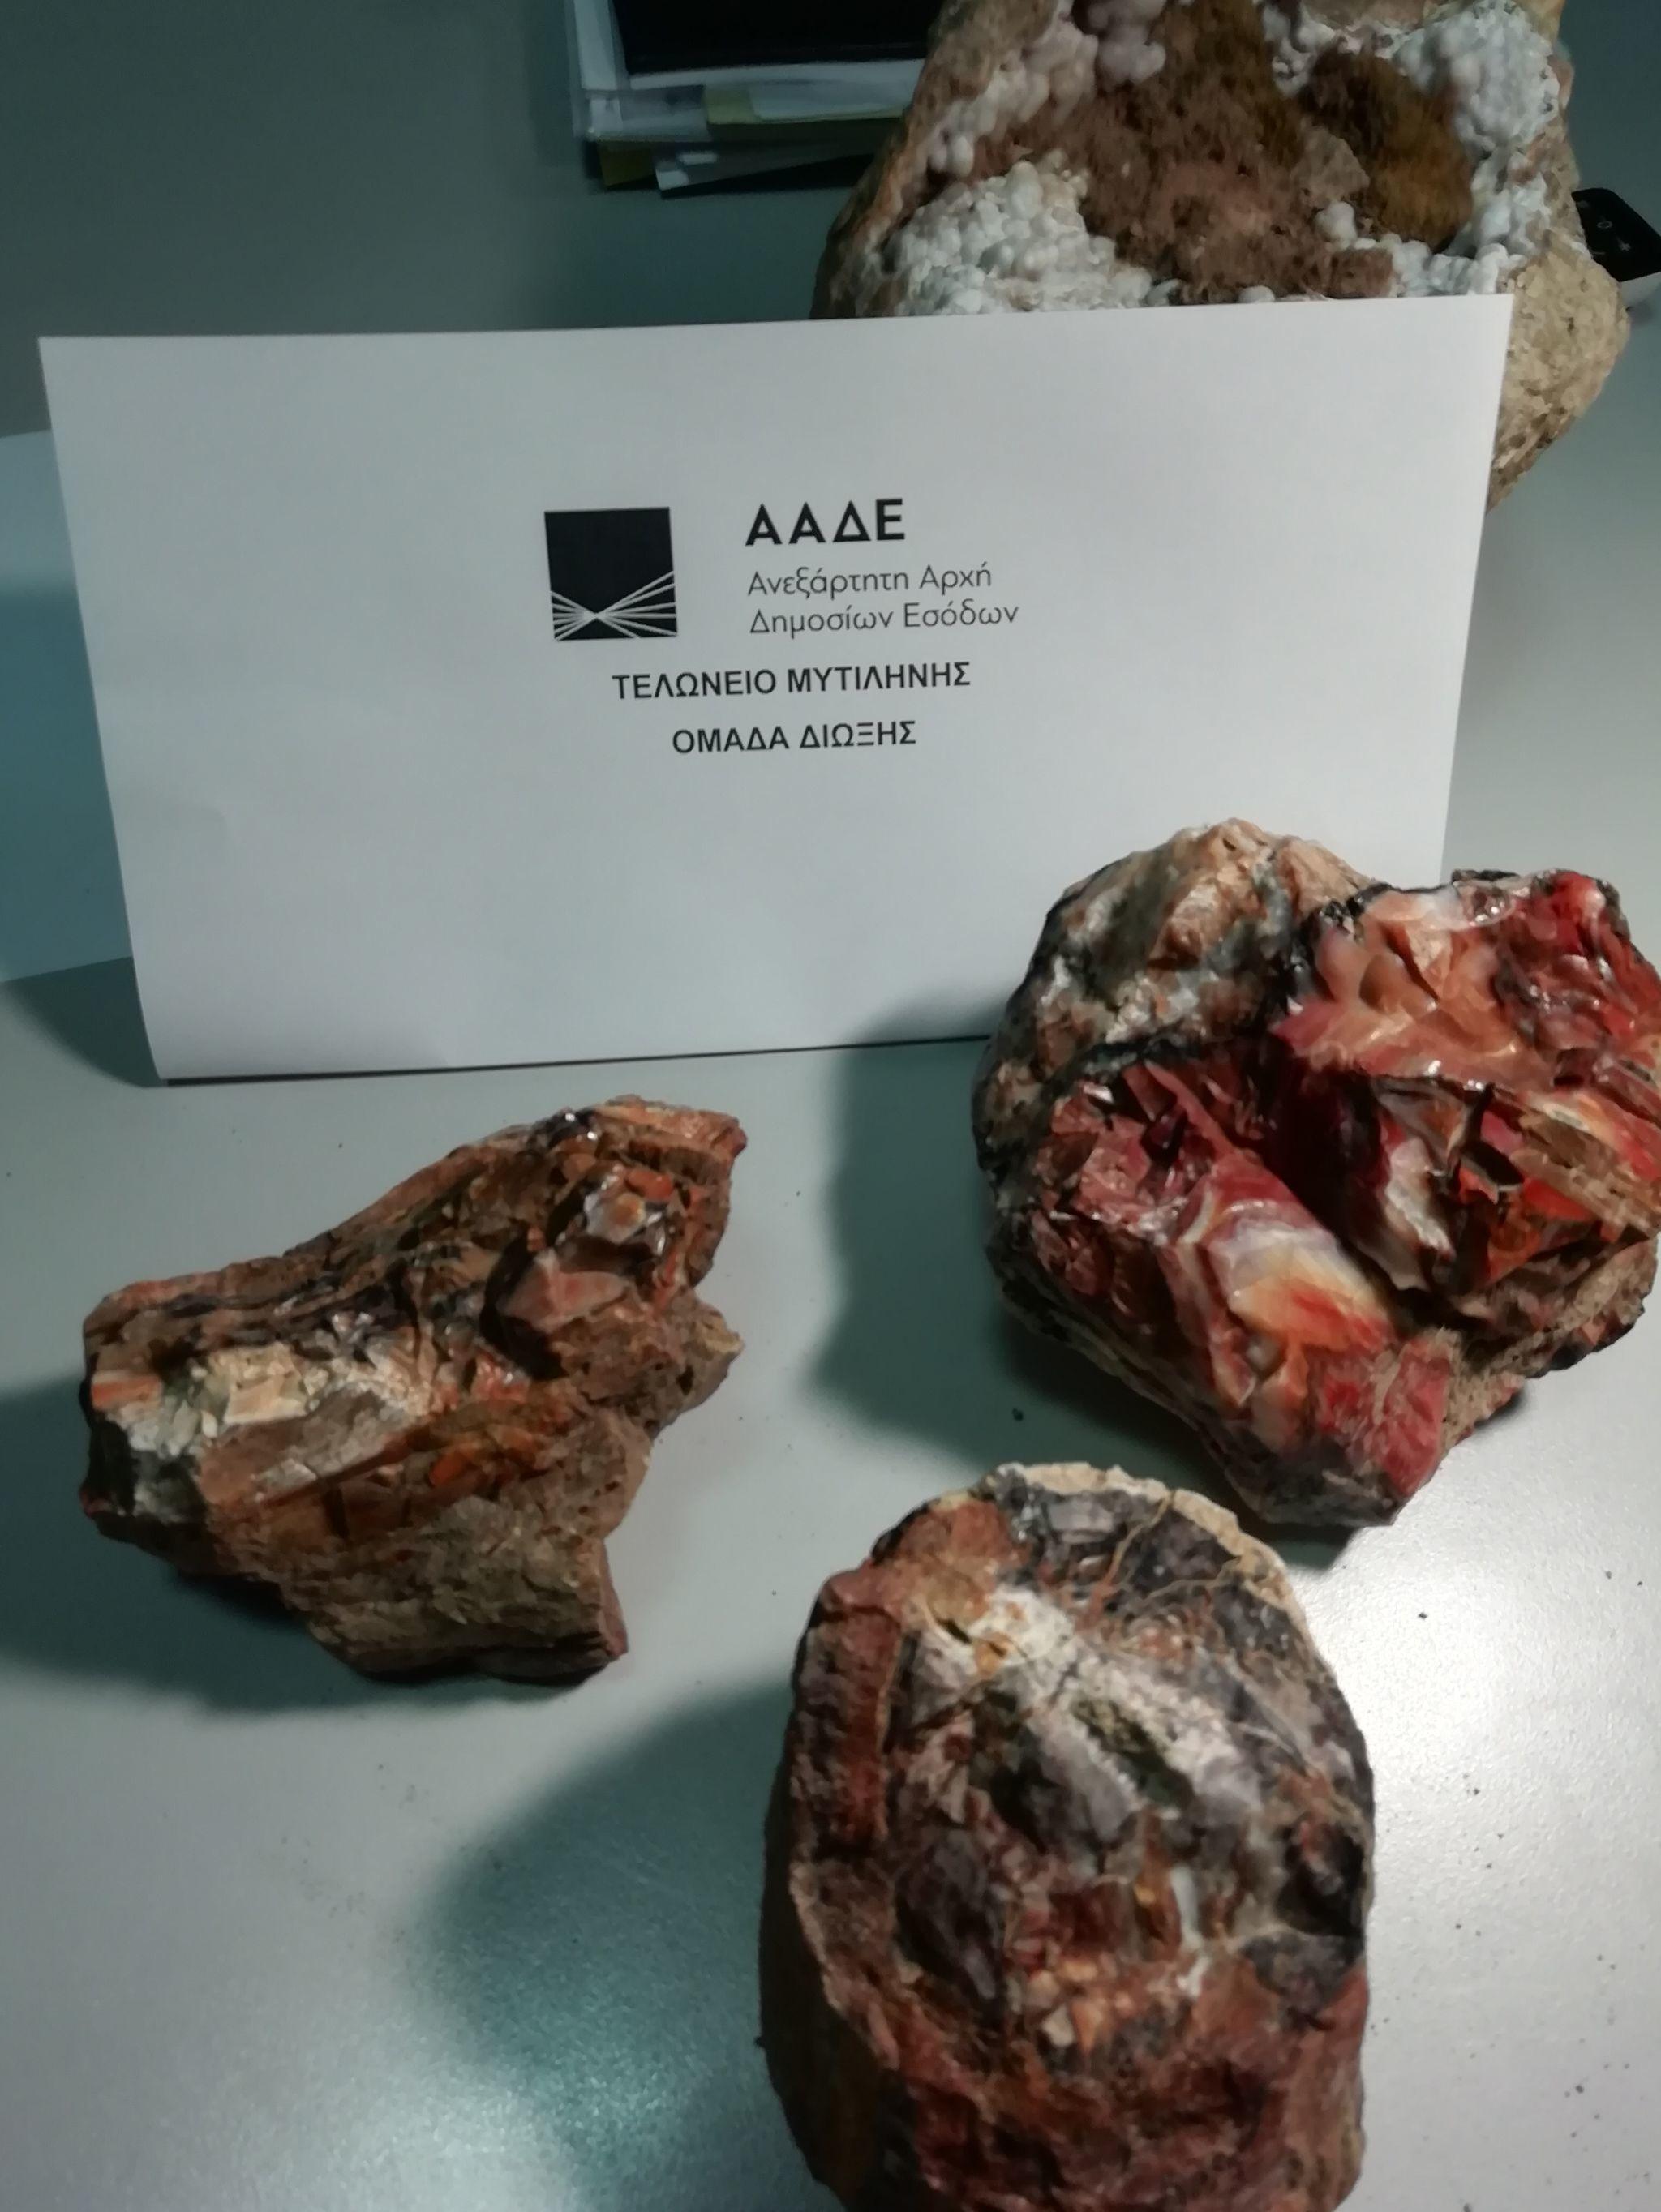 Čeští turisté se pokusili odvézt tři polena ze Zkamenělého lesa na Lesbu